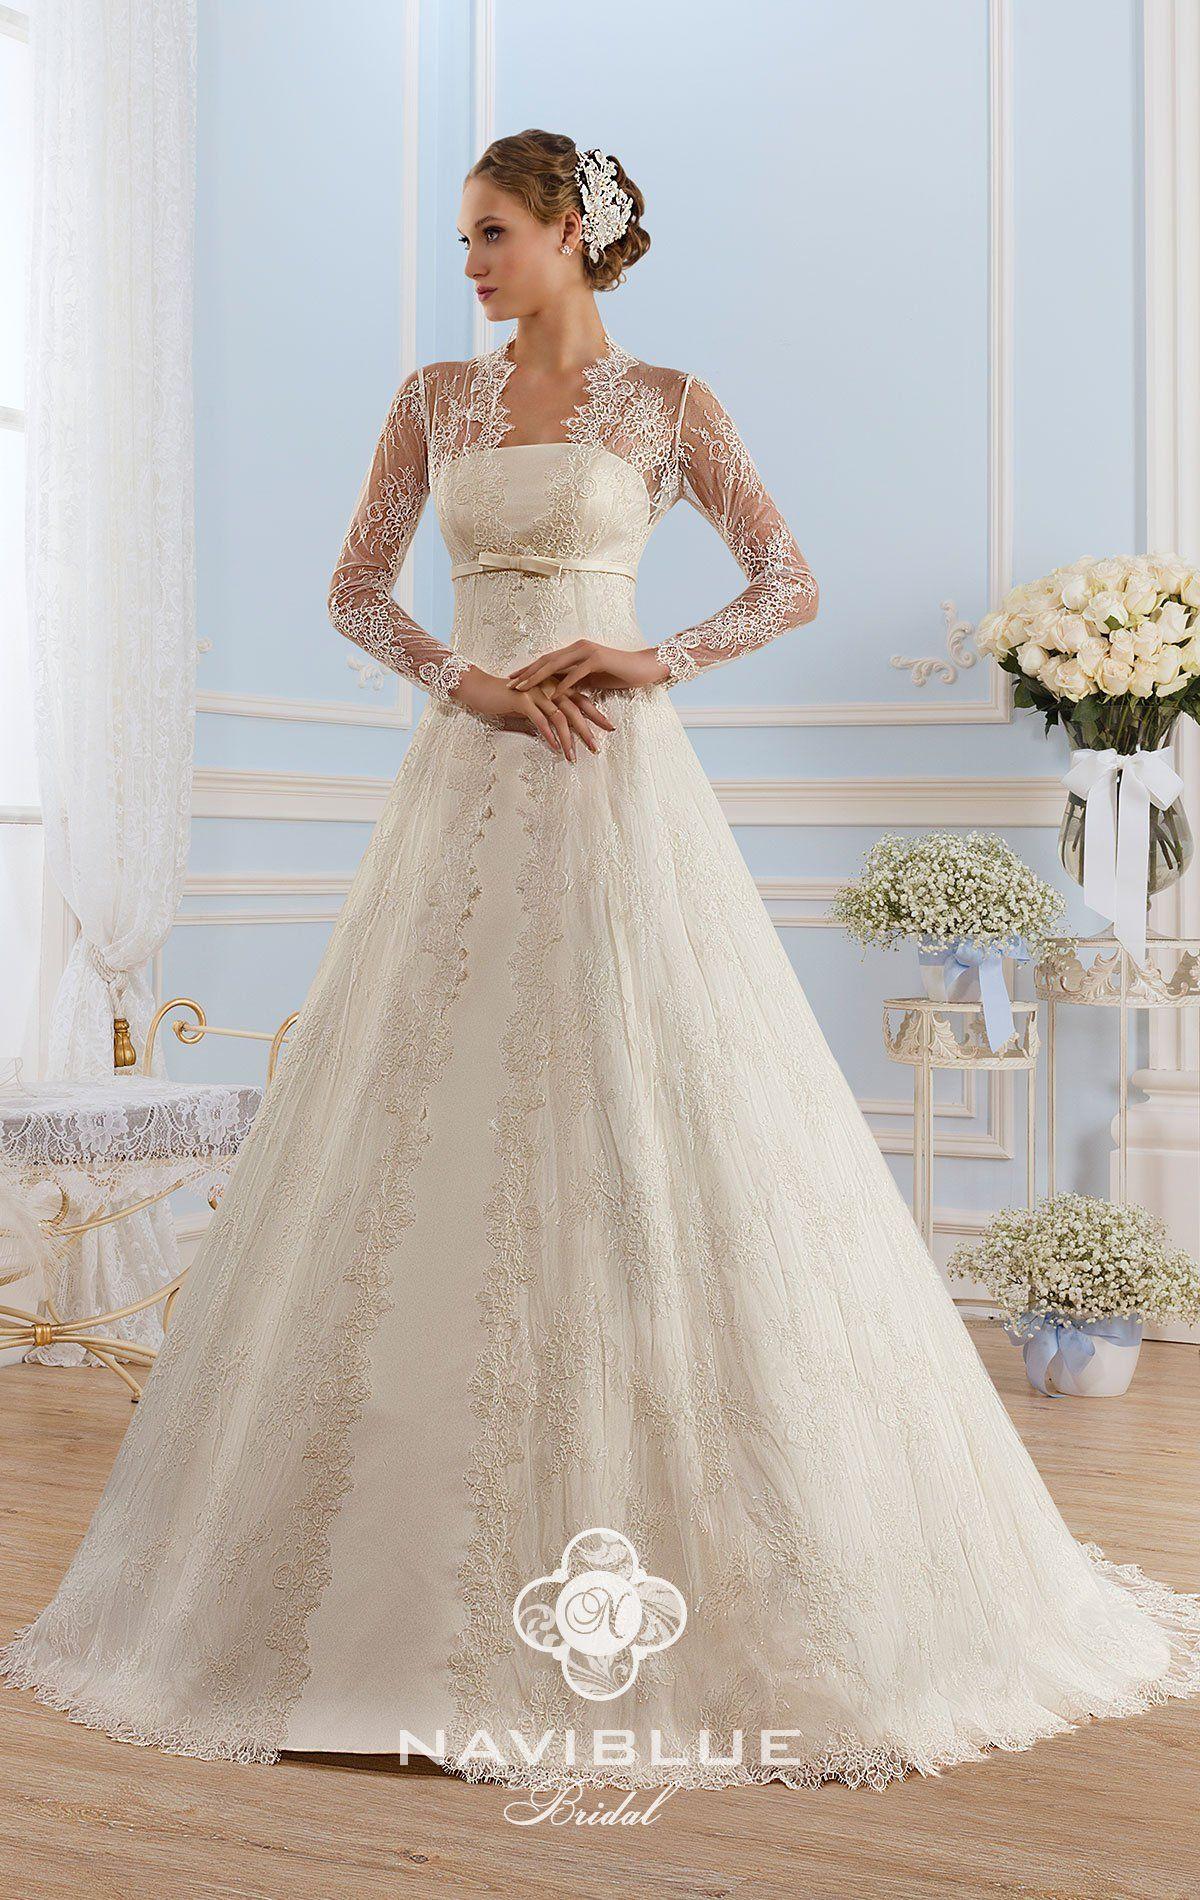 Hochzeitskleid verleih nurnberg